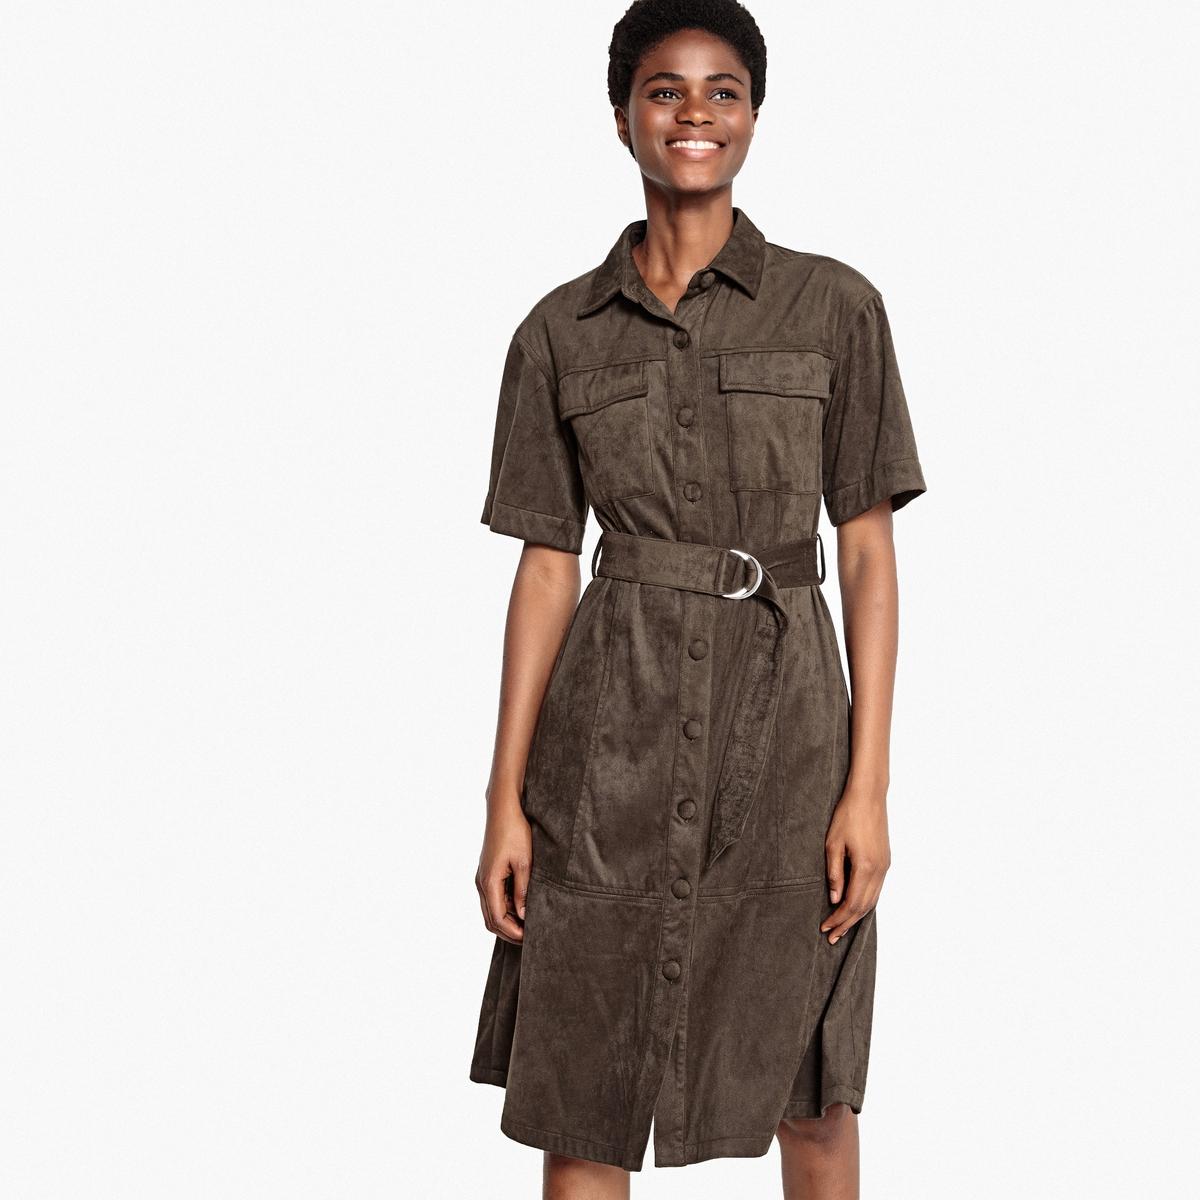 Платье-рубашка с эффектом искусственной замши и застёжкой на пуговицы спереди